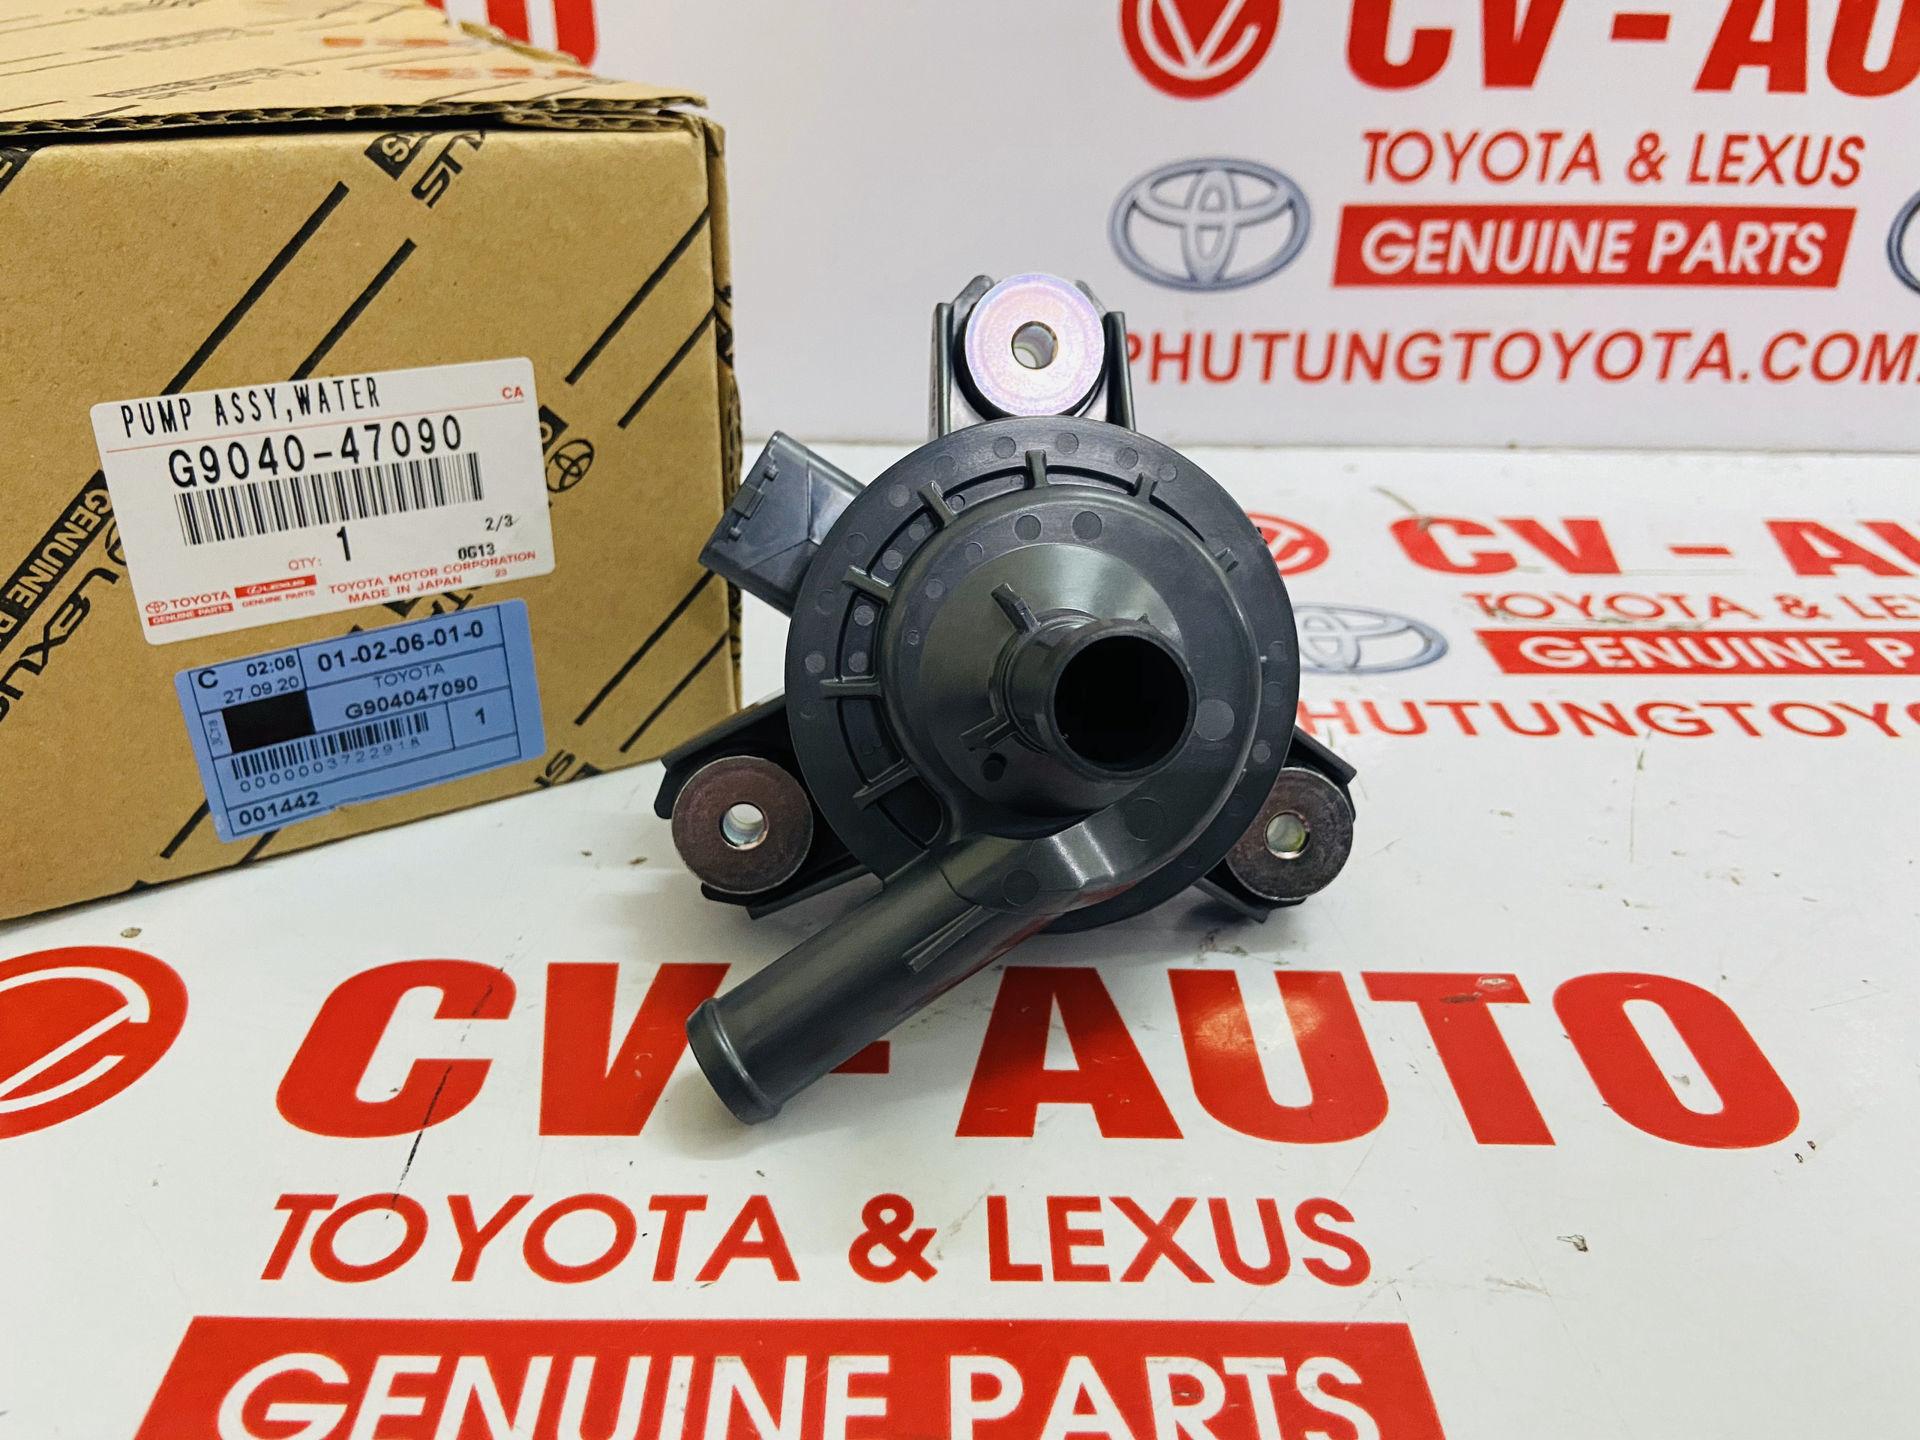 Picture of G9040-47090 Bơm nước làm mát động cơ điện Lexus RX450H, CT200H Prius chính hãng